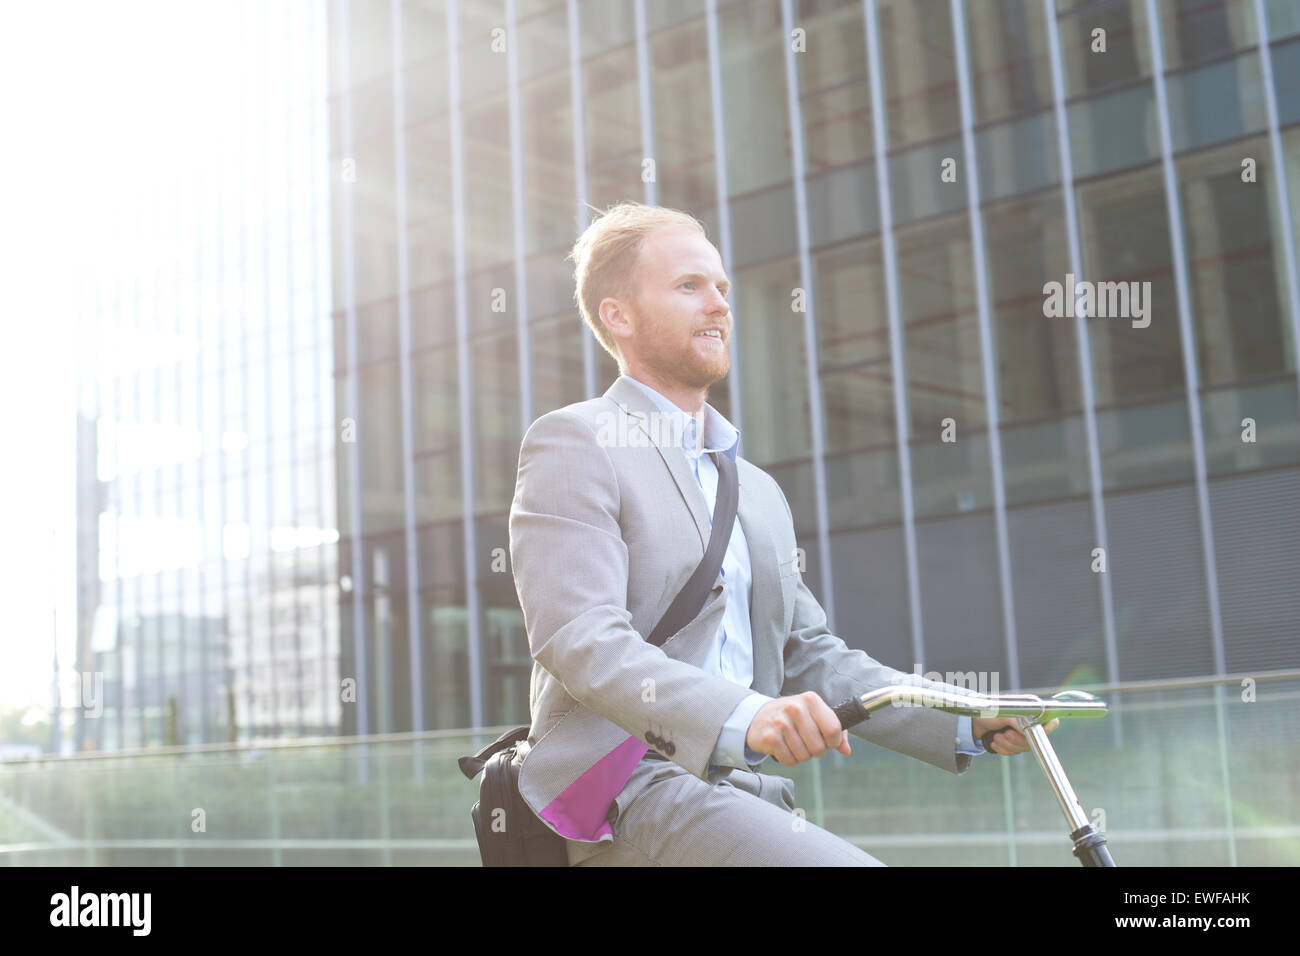 Geschäftsmann Reiten Fahrrad vor Bürogebäude Stockfoto